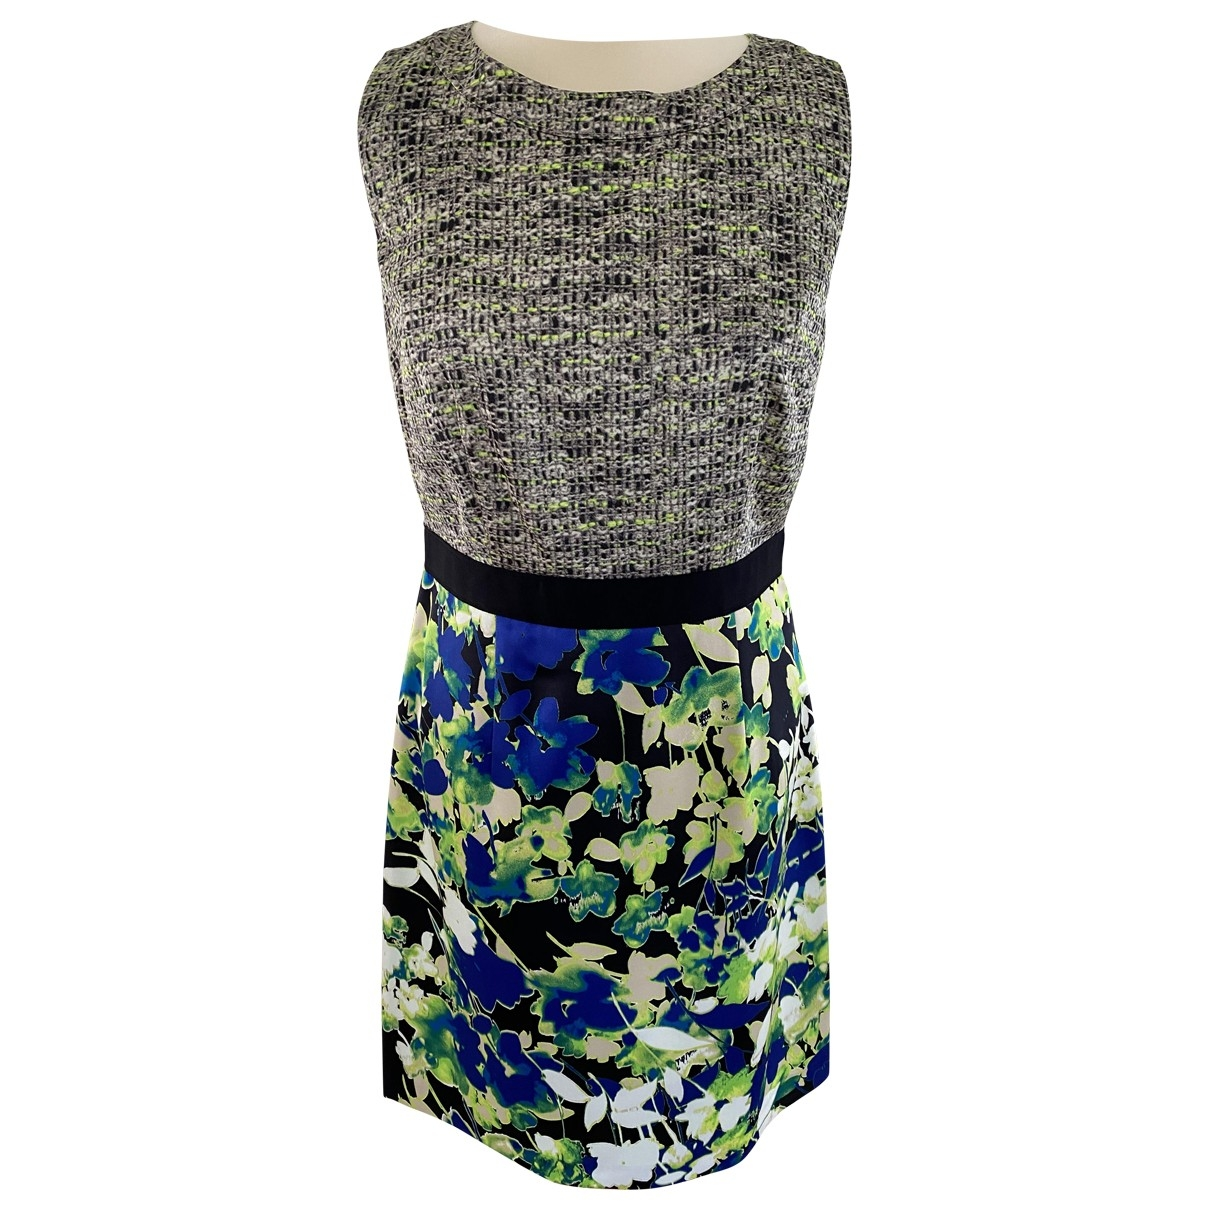 Elie Tahari \N Kleid in  Bunt Polyester